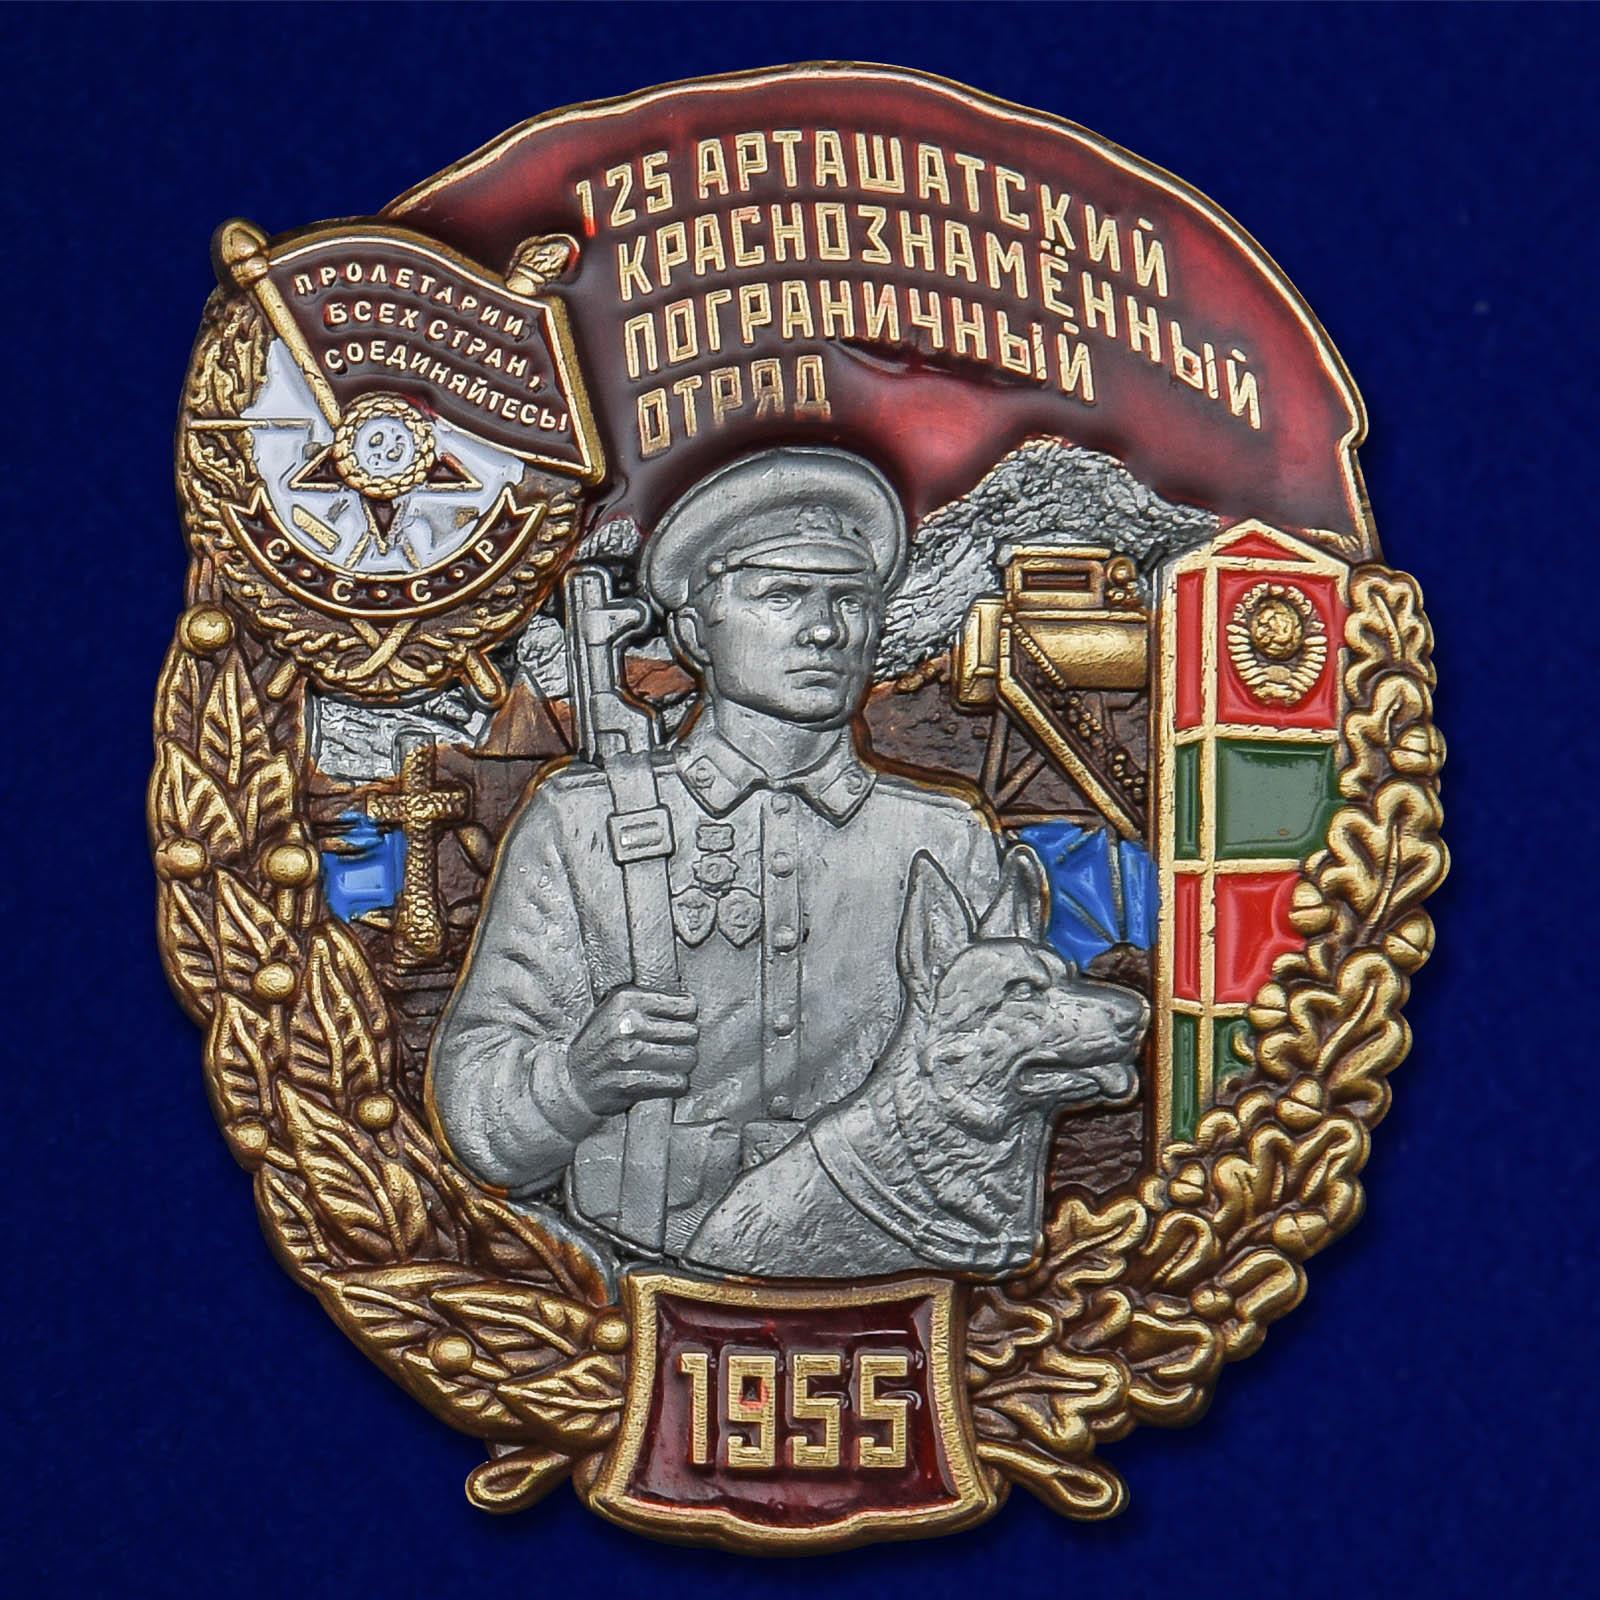 Знак 125 Арташатский Краснознамённый Пограничный отряд